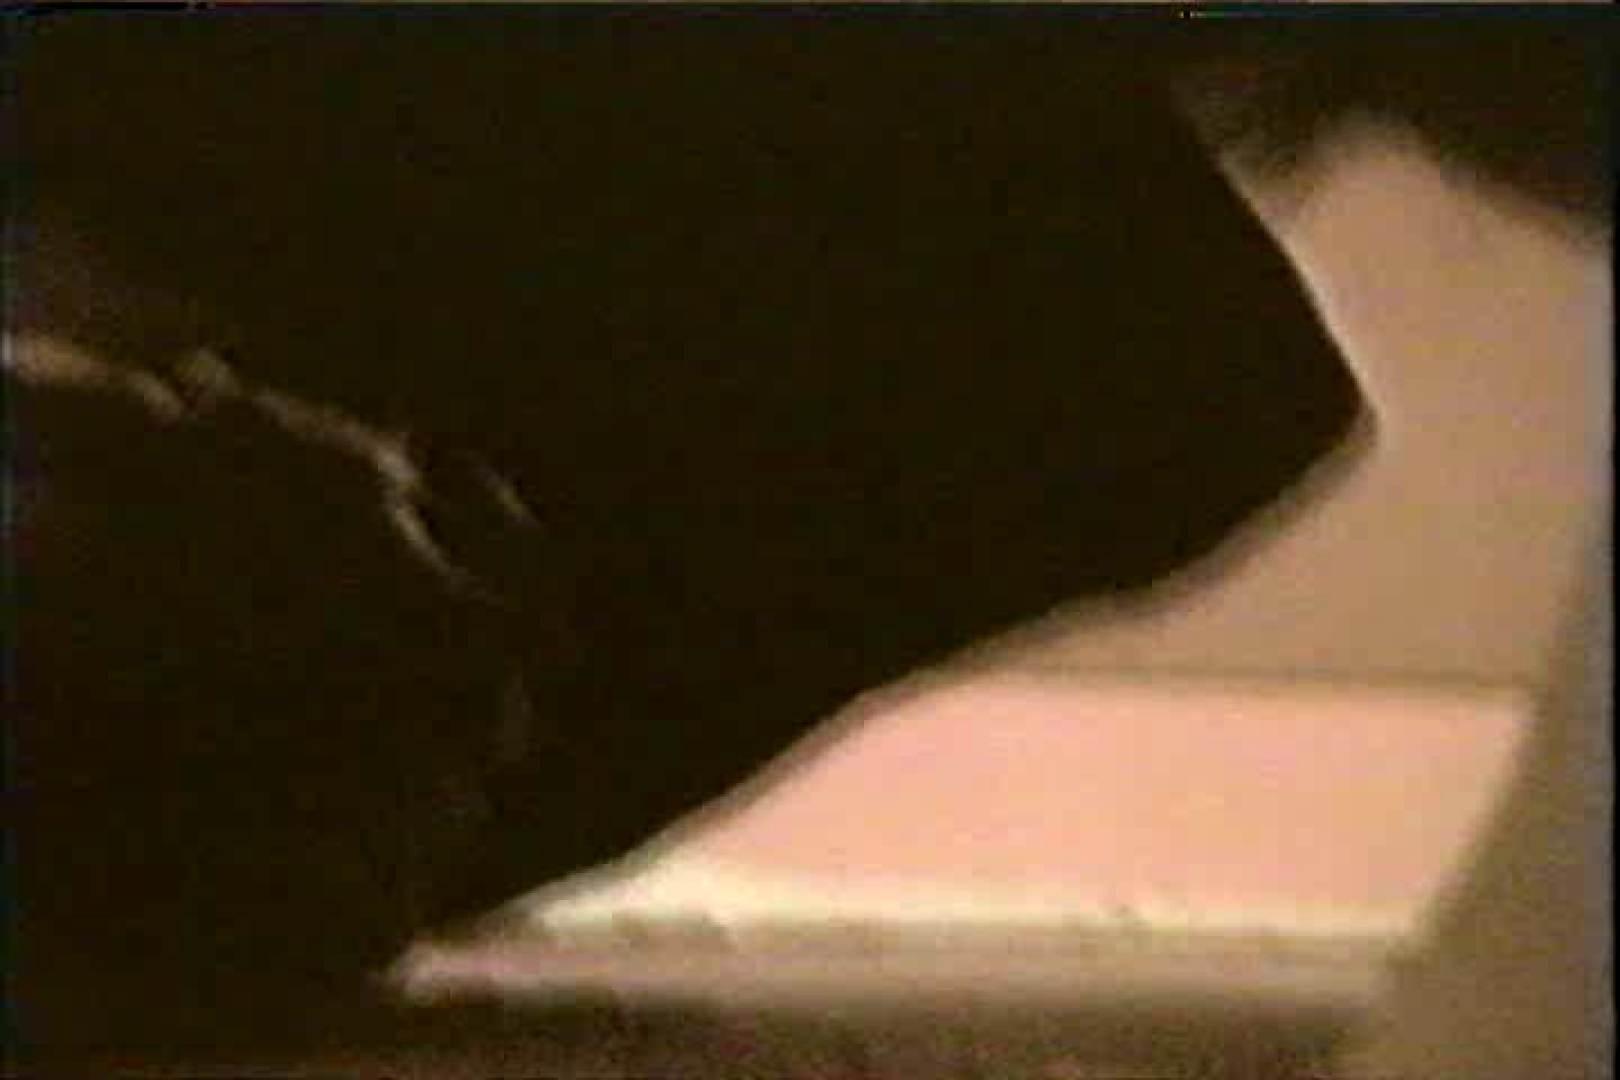 亀さんの秘蔵コレクションVol.3 洗面所突入 AV動画キャプチャ 102pic 23